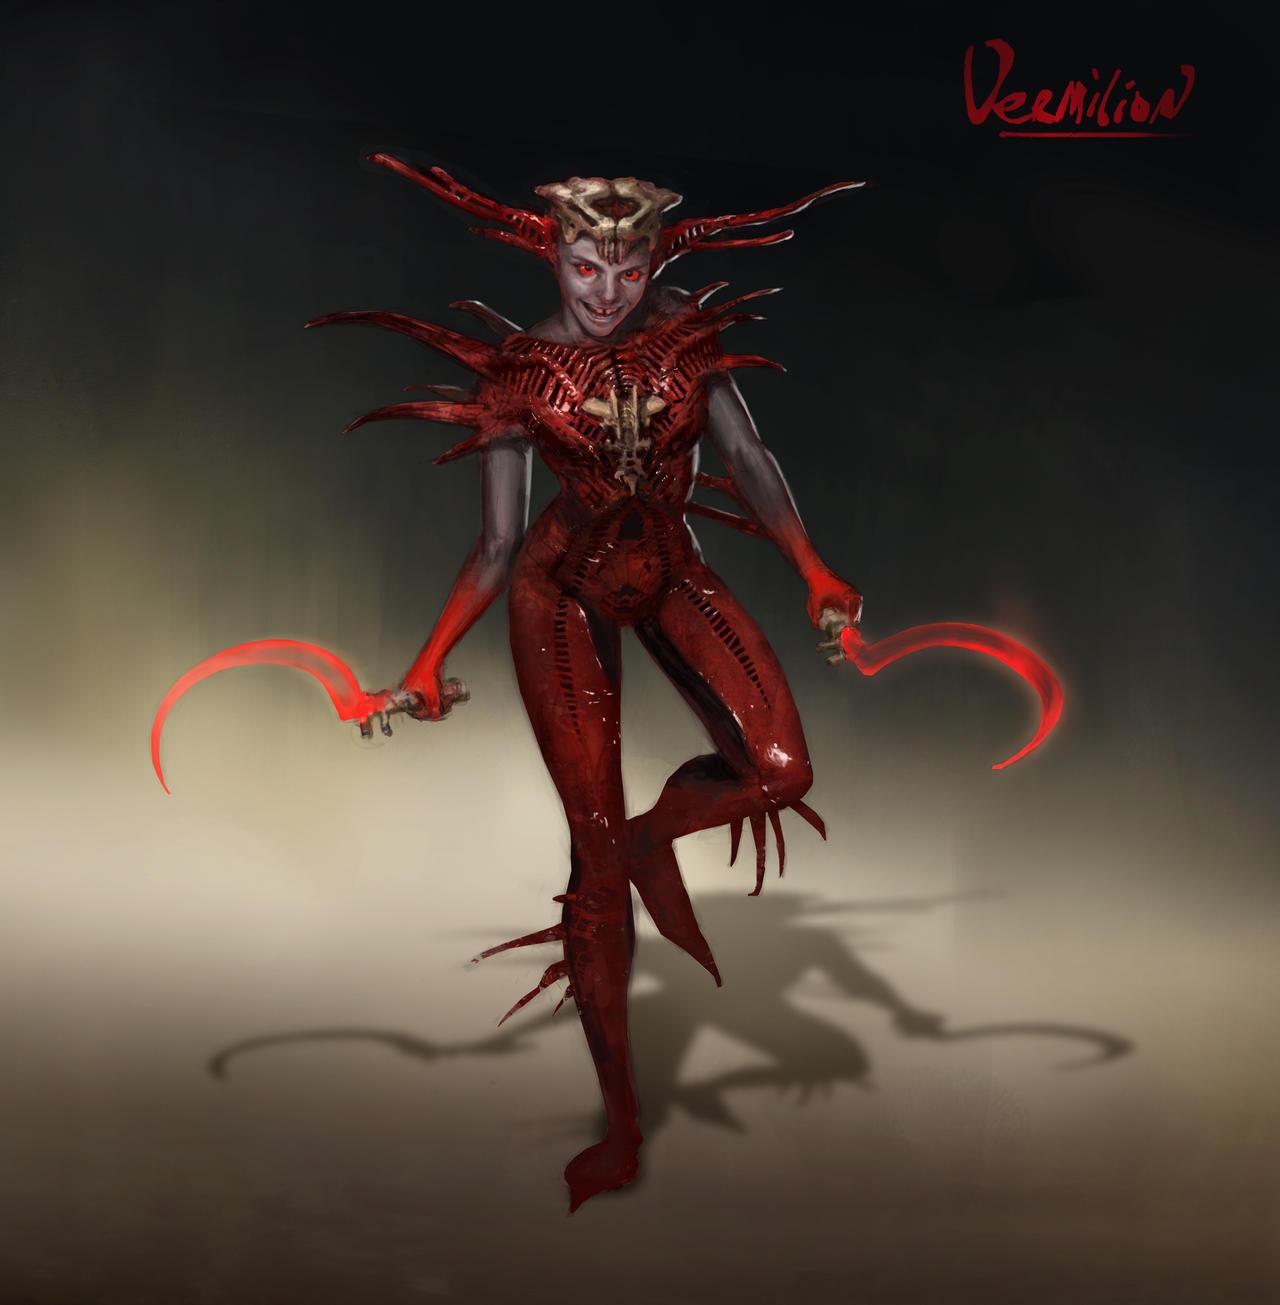 Mischievous - Vermilion